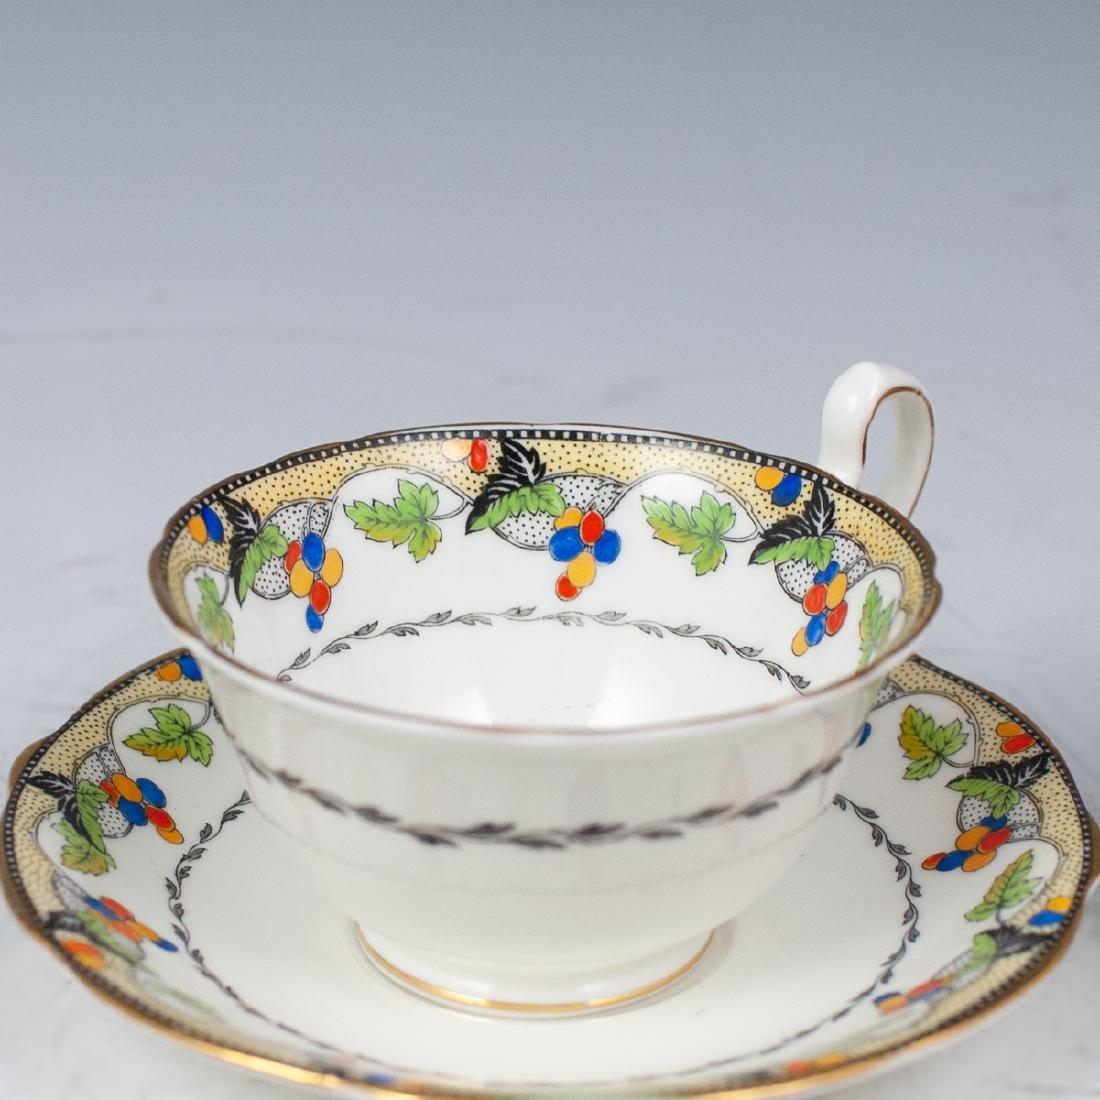 Vintage English Porcelain Teacups - 4